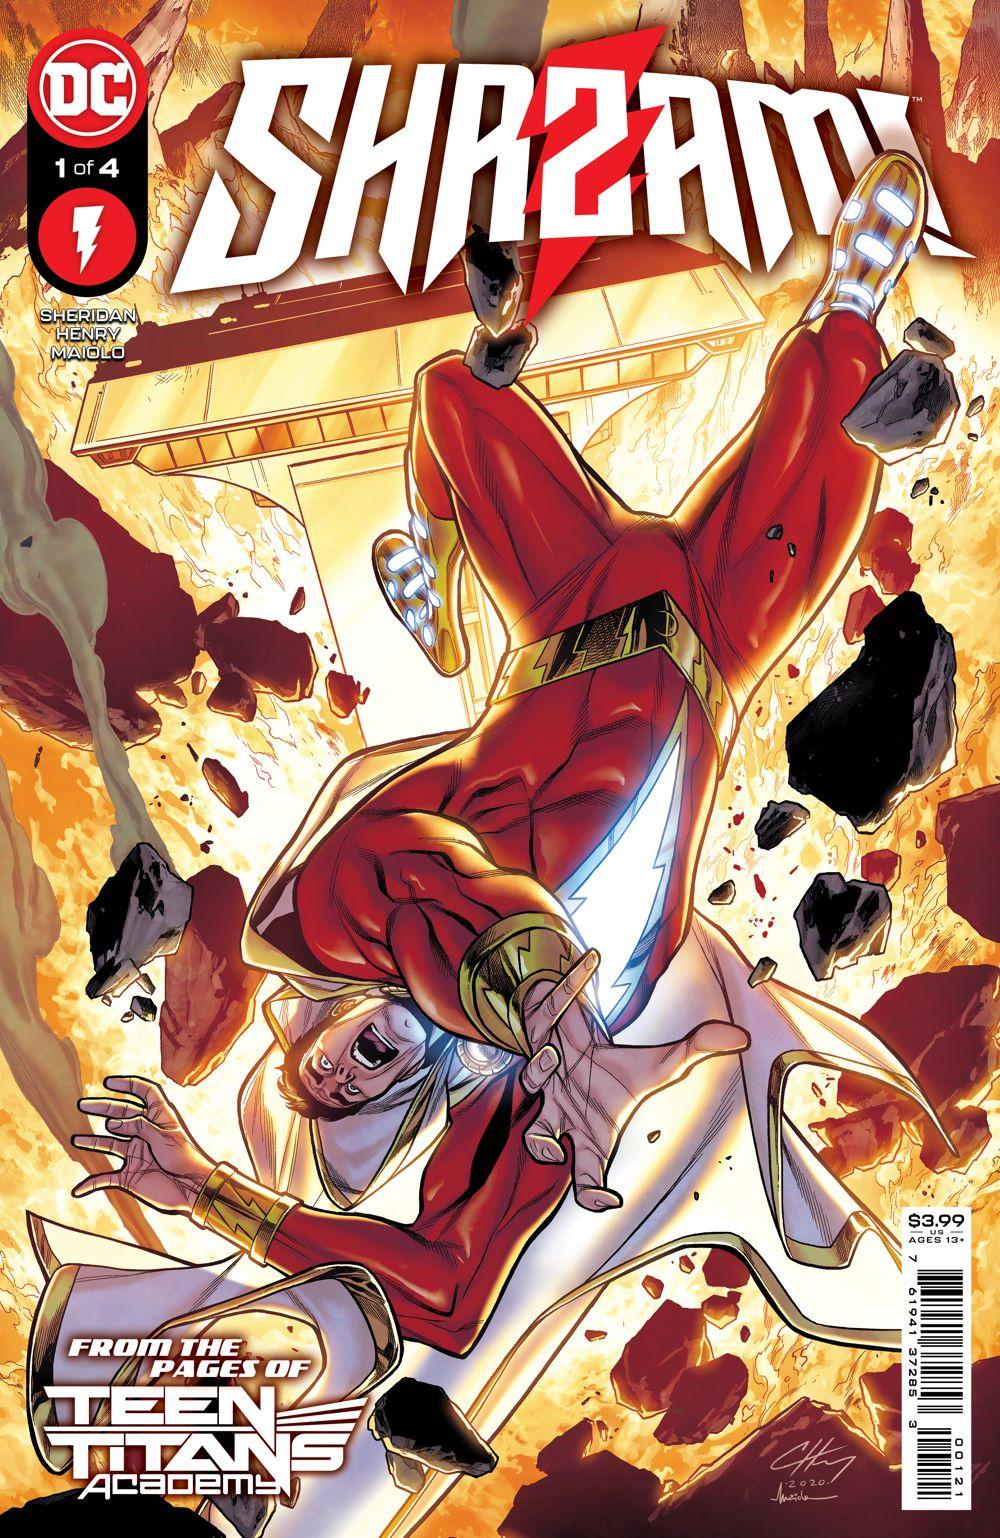 SHAZAM_Cv1 DC Comics July 2021 Solicitations